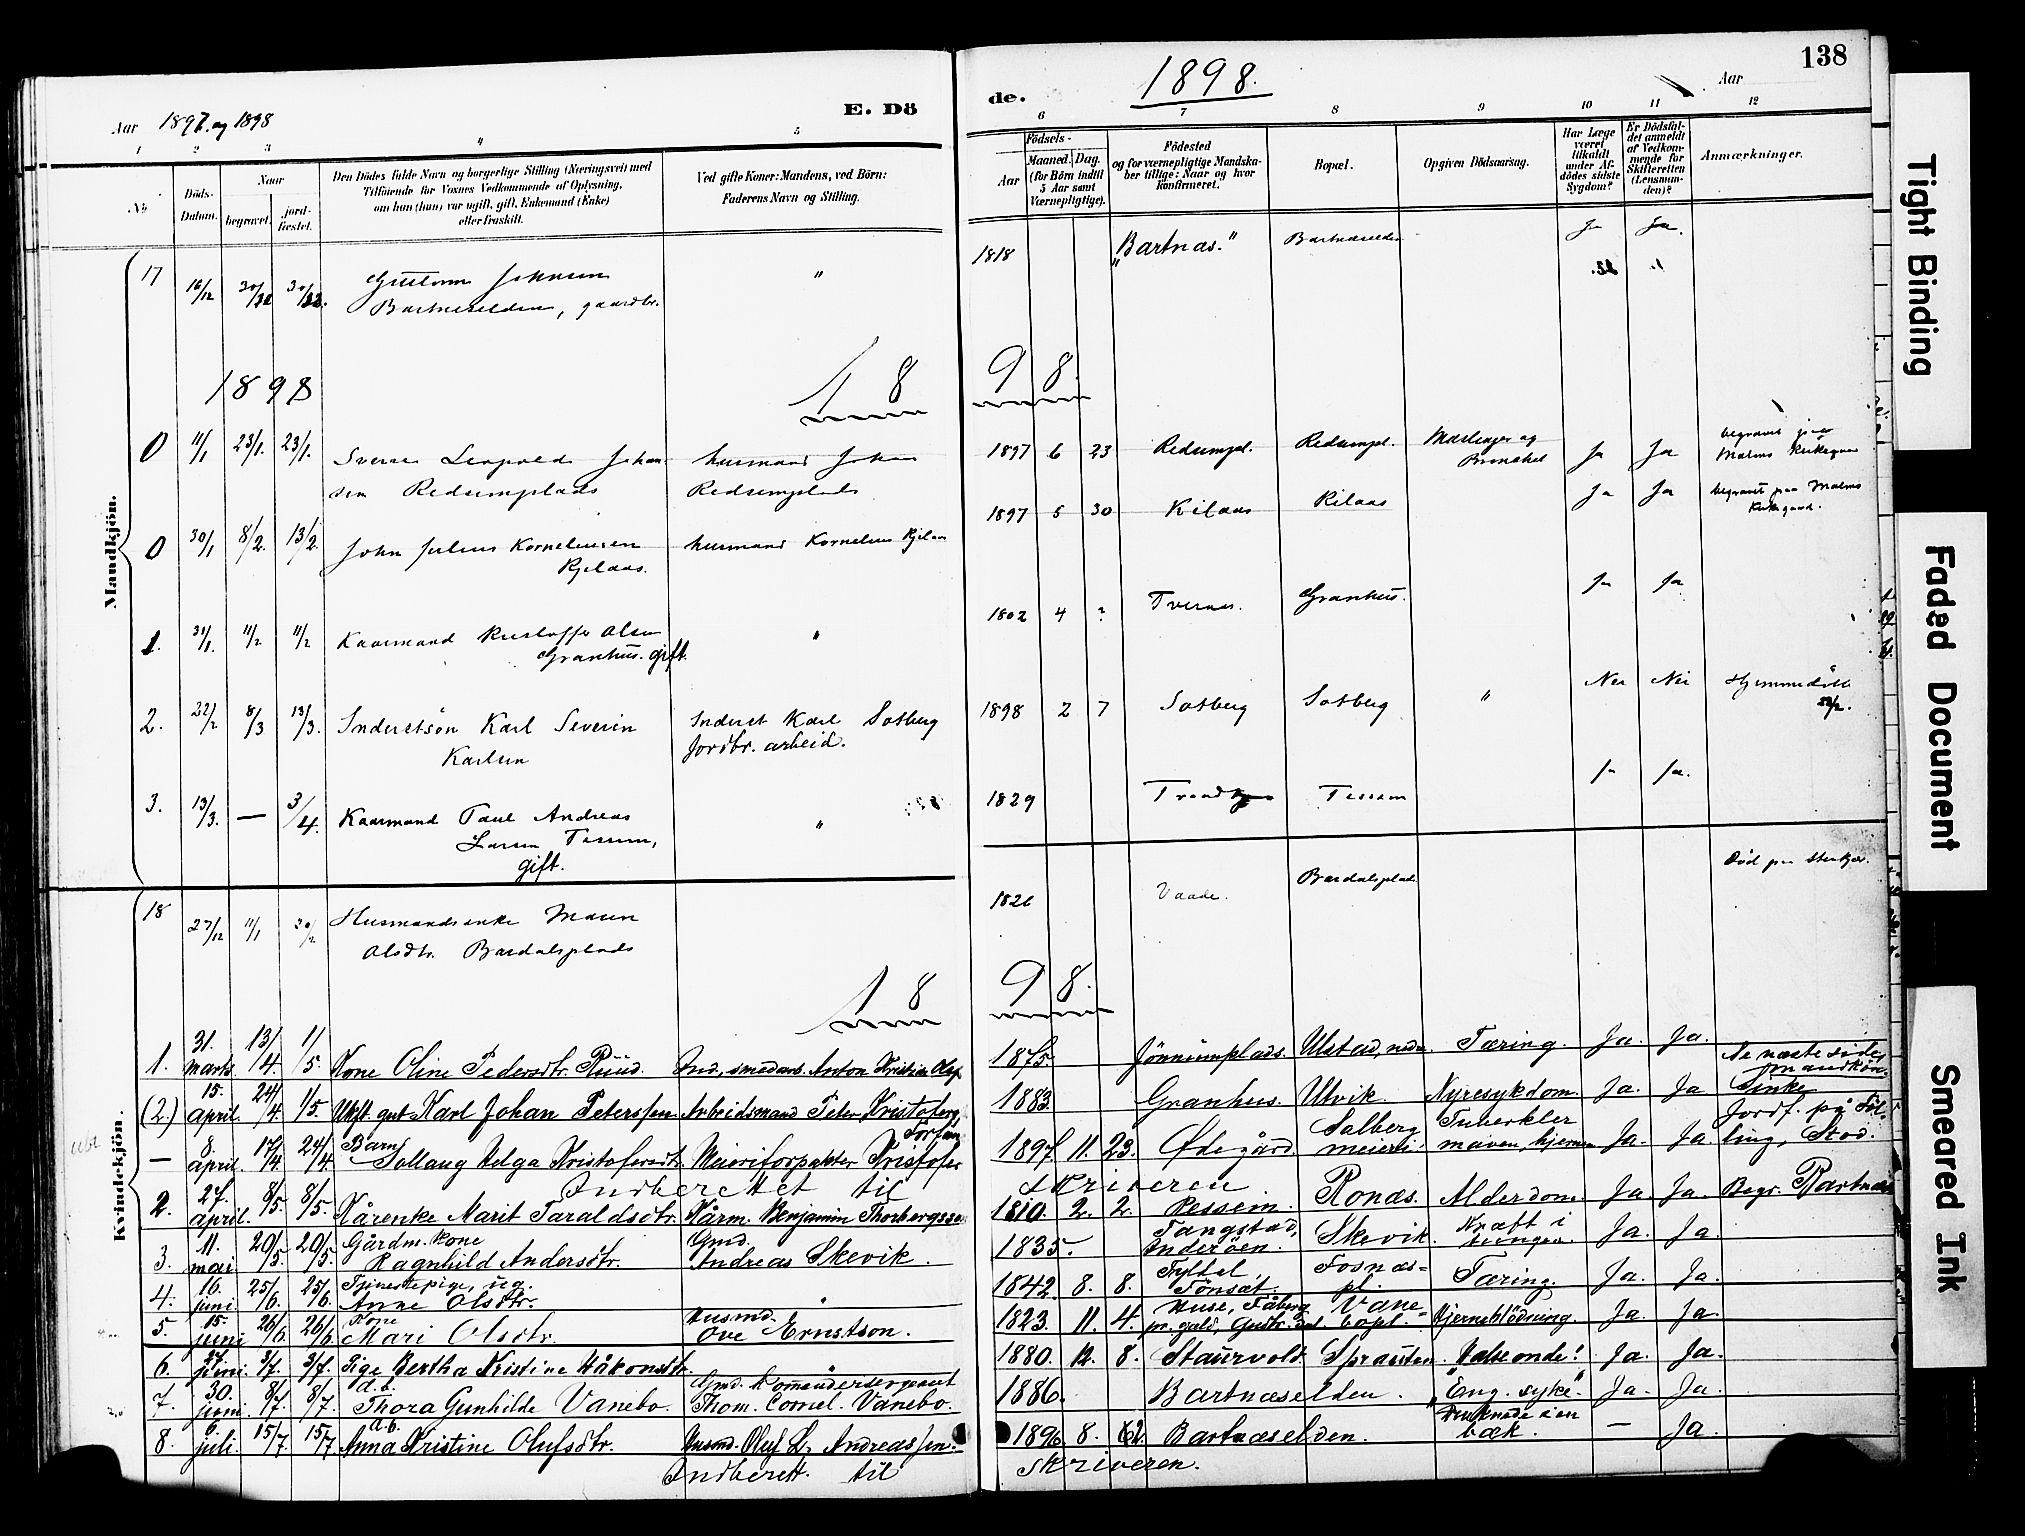 SAT, Ministerialprotokoller, klokkerbøker og fødselsregistre - Nord-Trøndelag, 741/L0396: Ministerialbok nr. 741A10, 1889-1901, s. 138